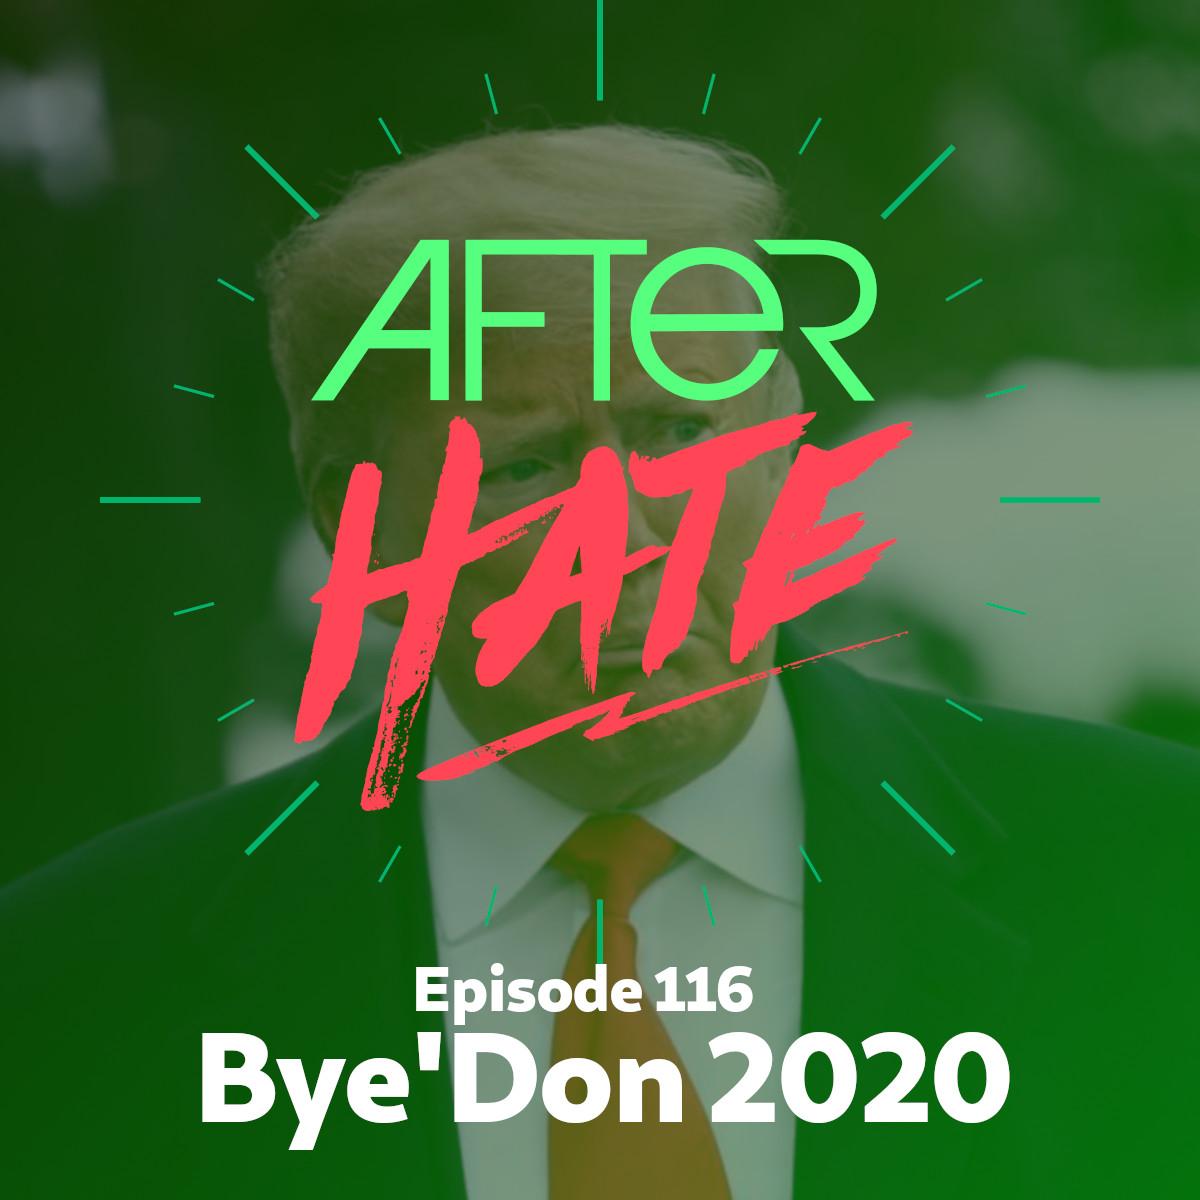 Episode 116 : Bye'Don 2020